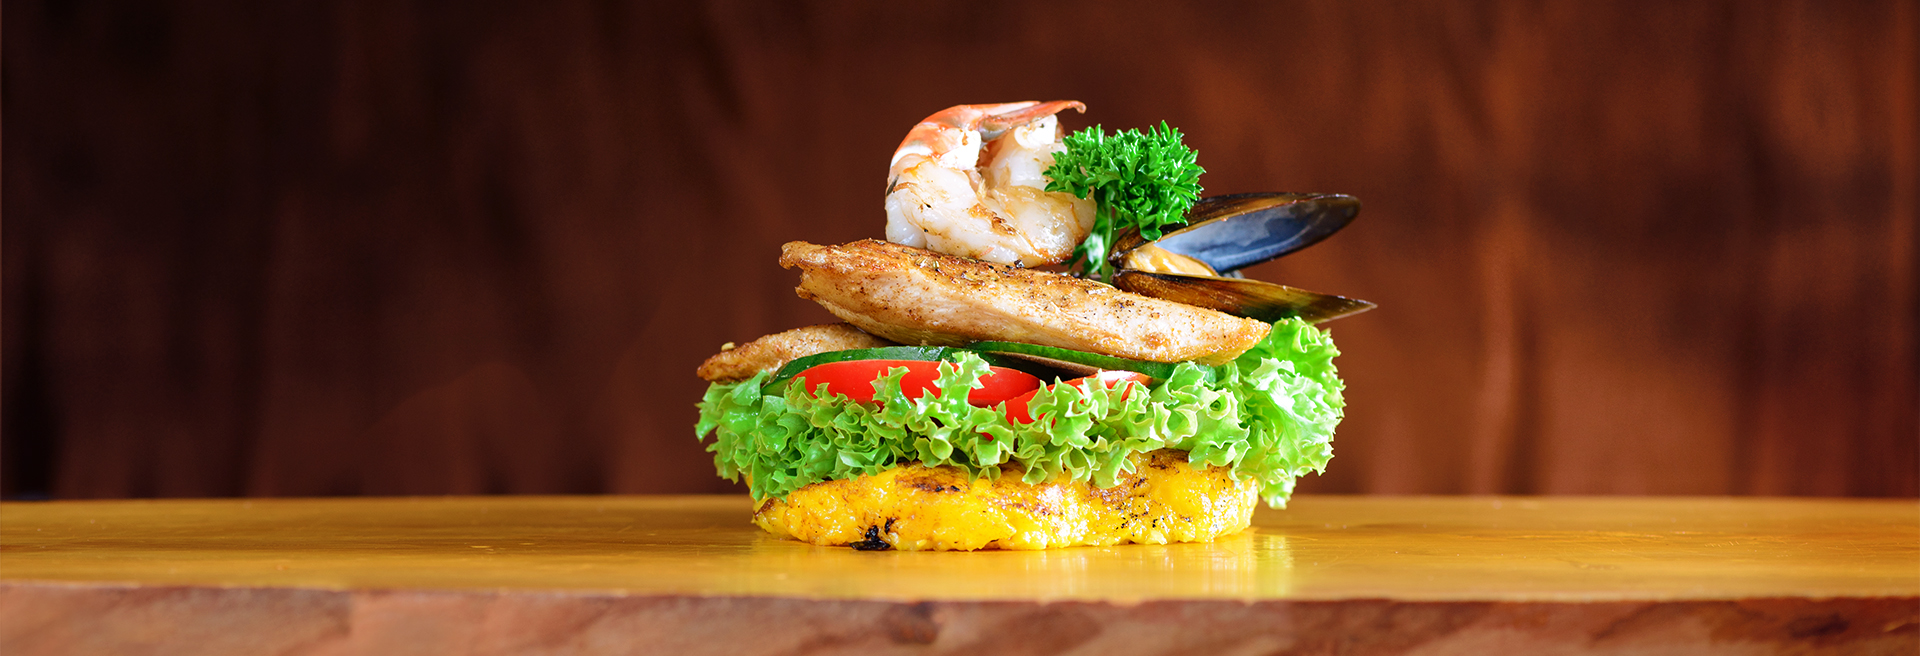 Burger Slide 3